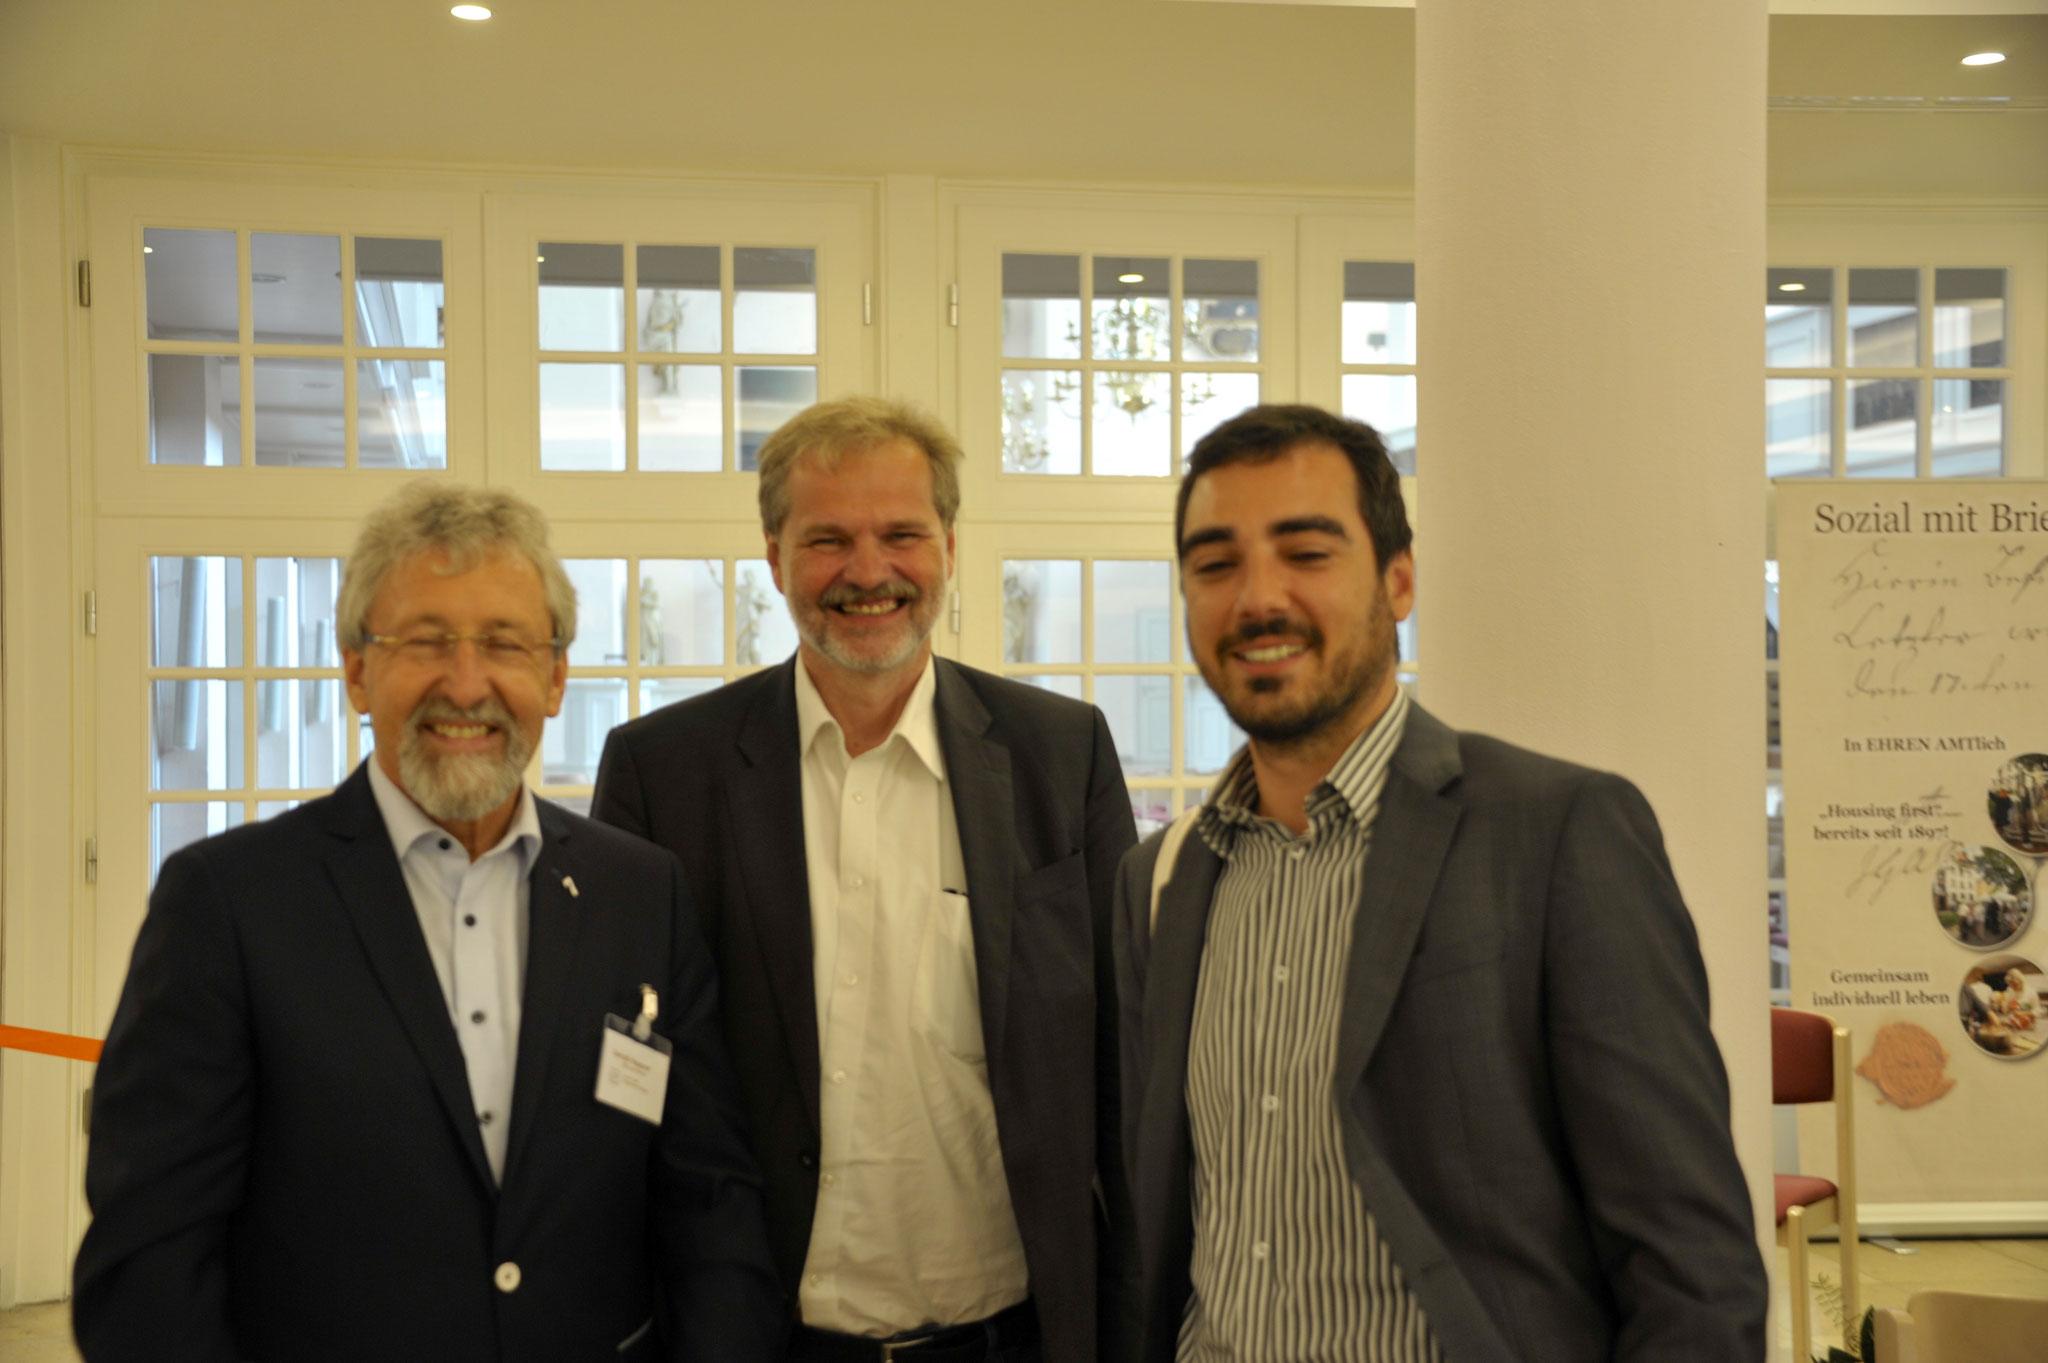 Nachfolgender Stiftungsvorsteher Gerold Heppner, Andreas Sonnenberg, Werkheim eV, Arian Zielinski, Verwaltungschef der Caritas